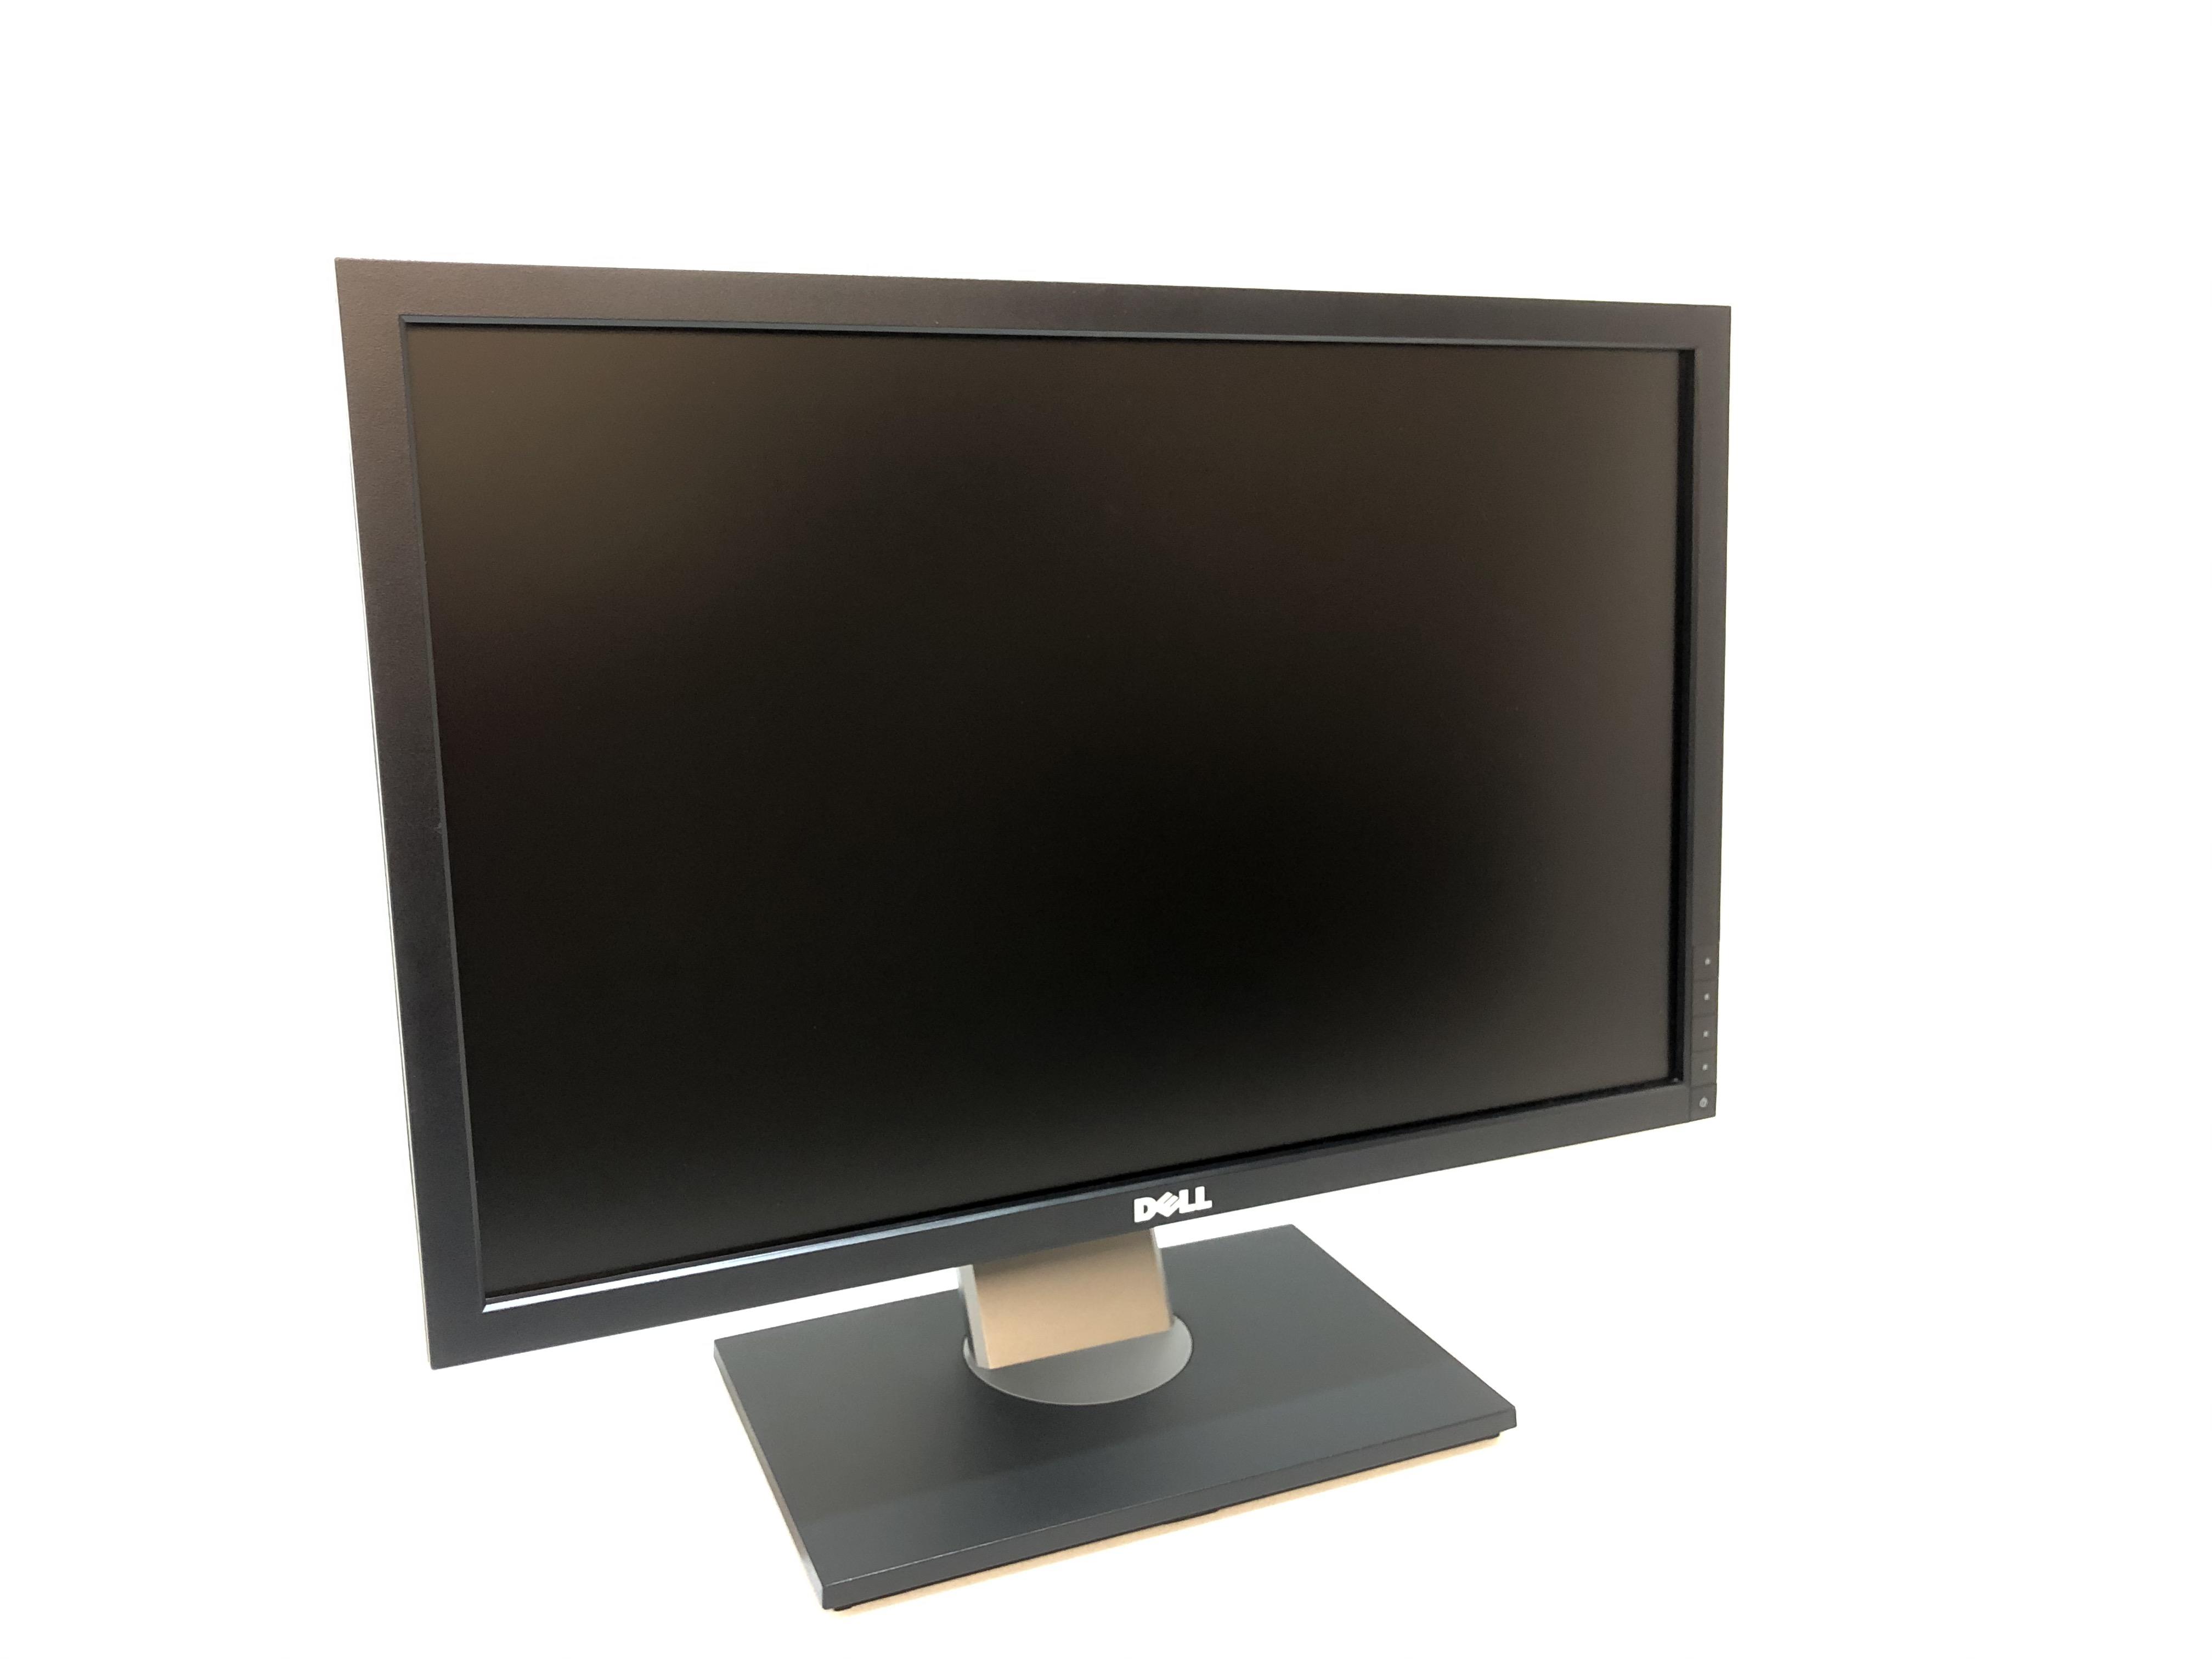 Dell-P2210f - 154747